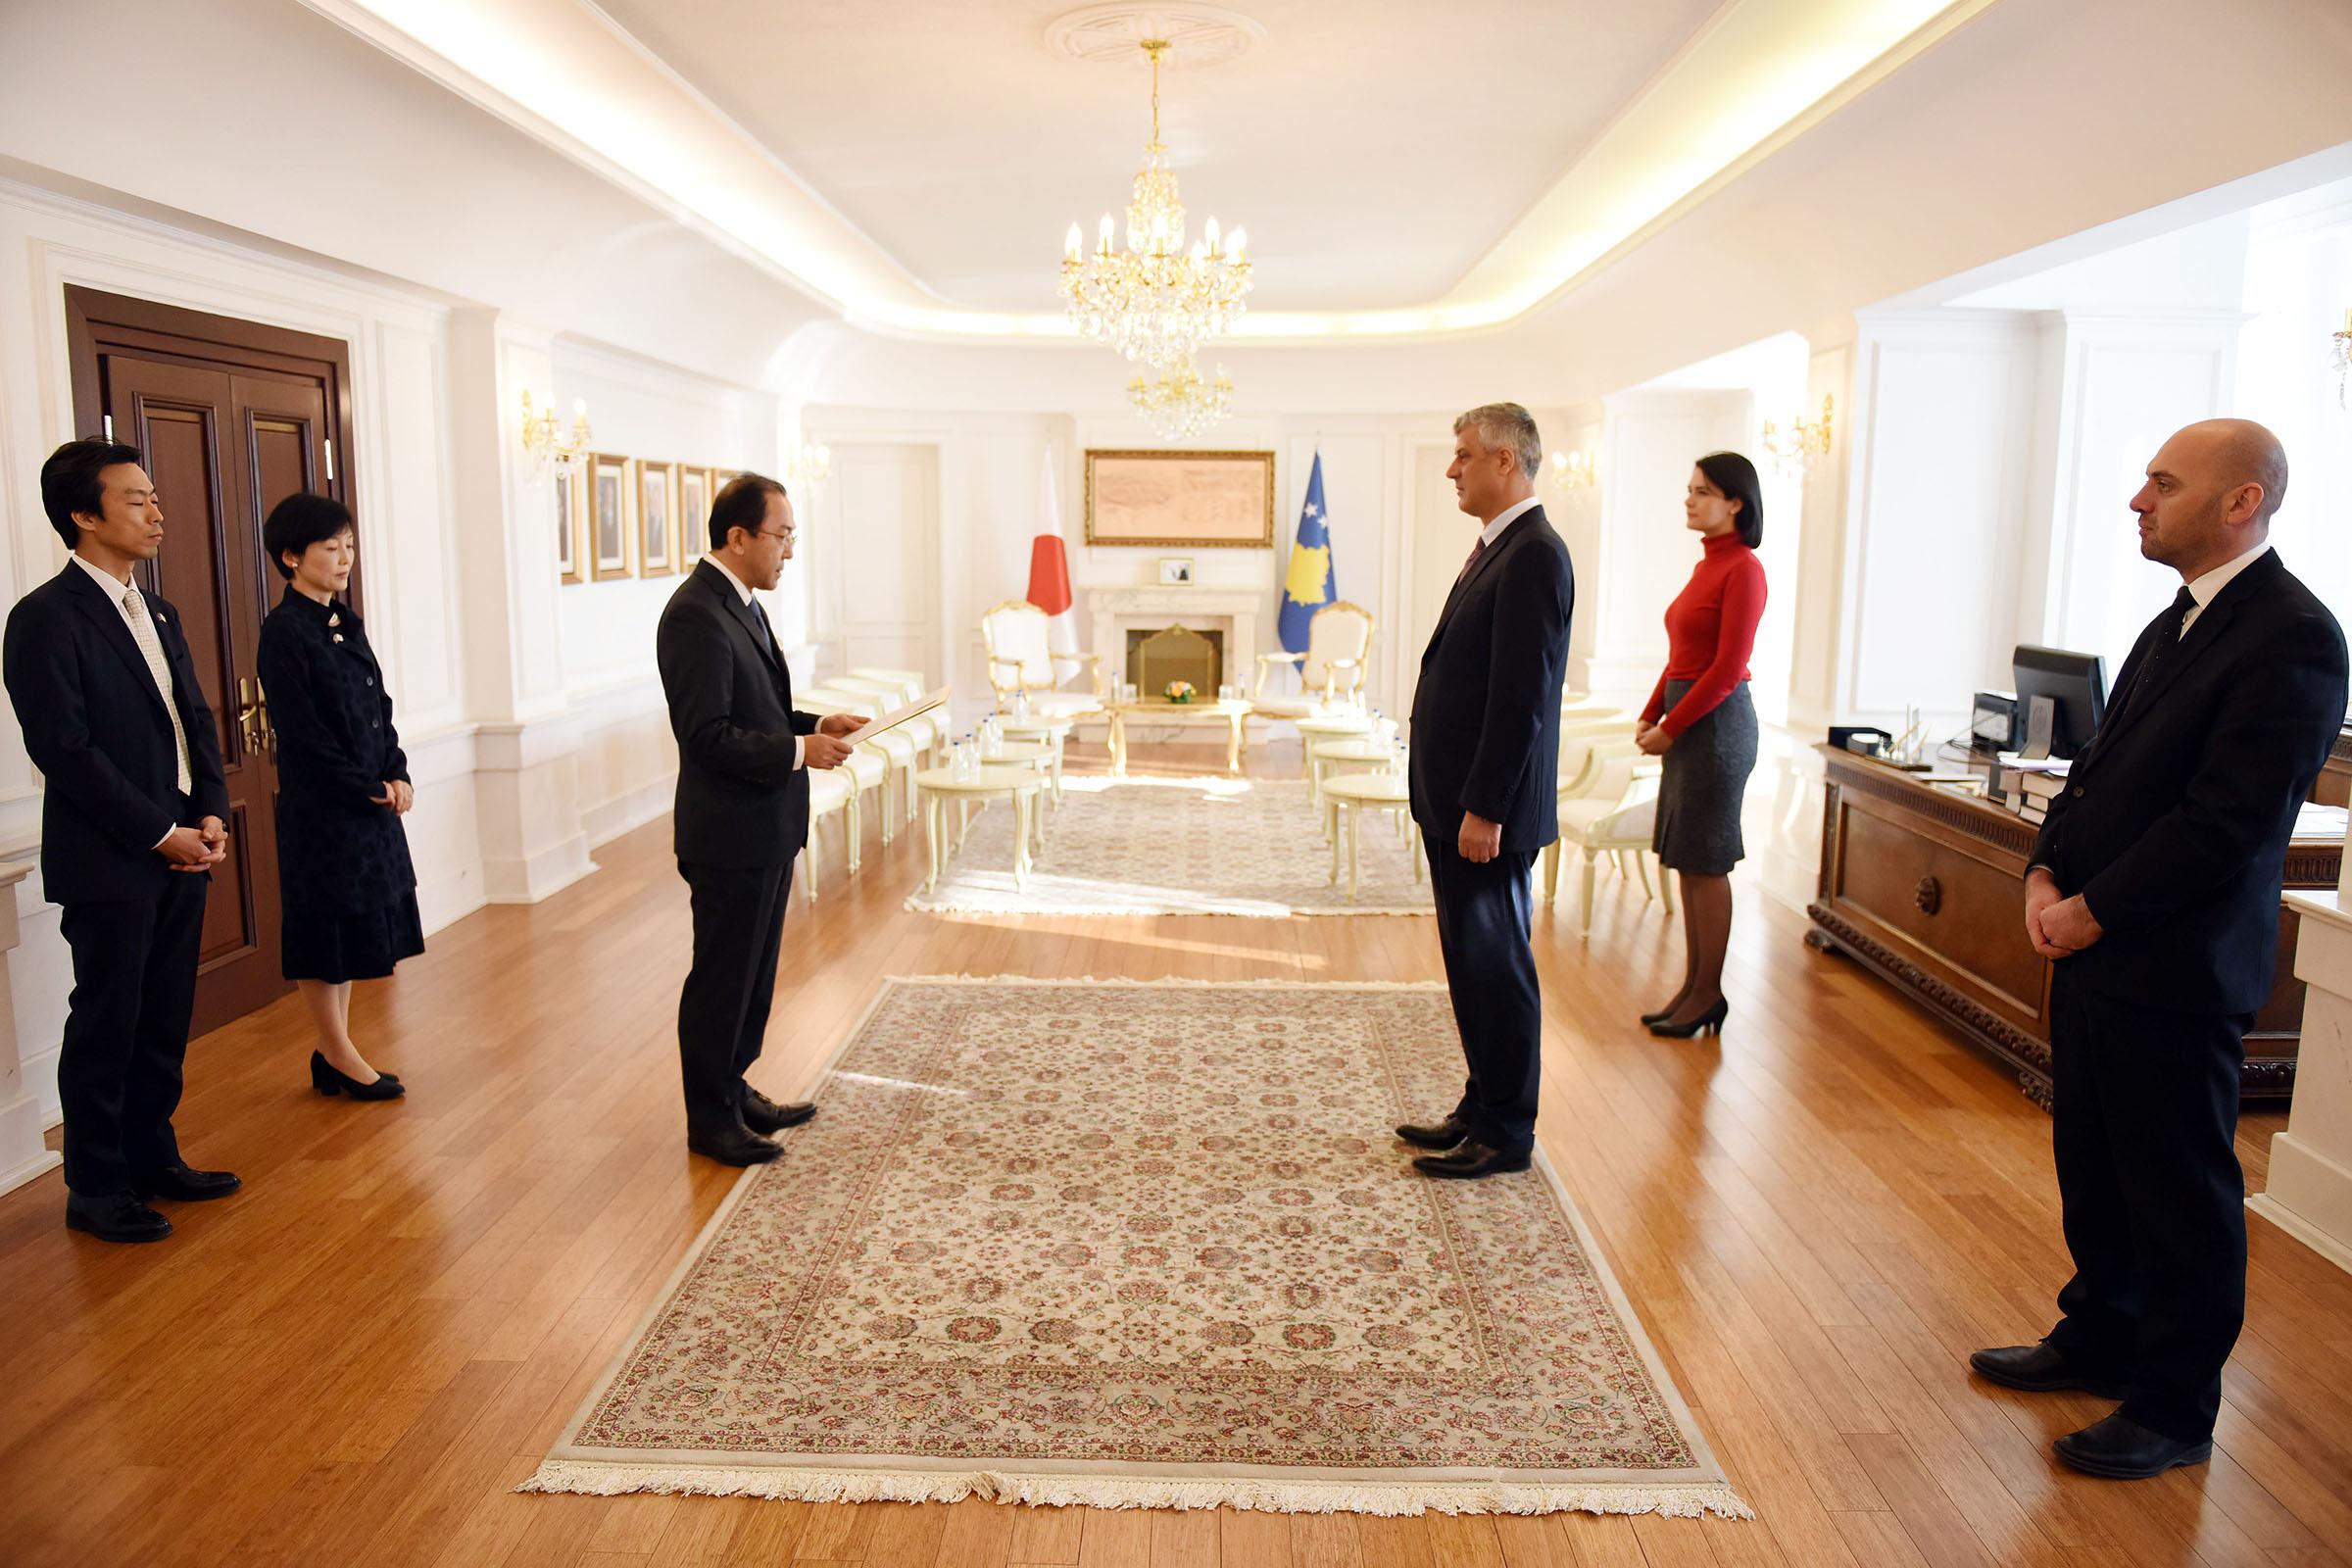 Presidenti Thaçi pranoi letrat kredenciale nga ambasadori japonez